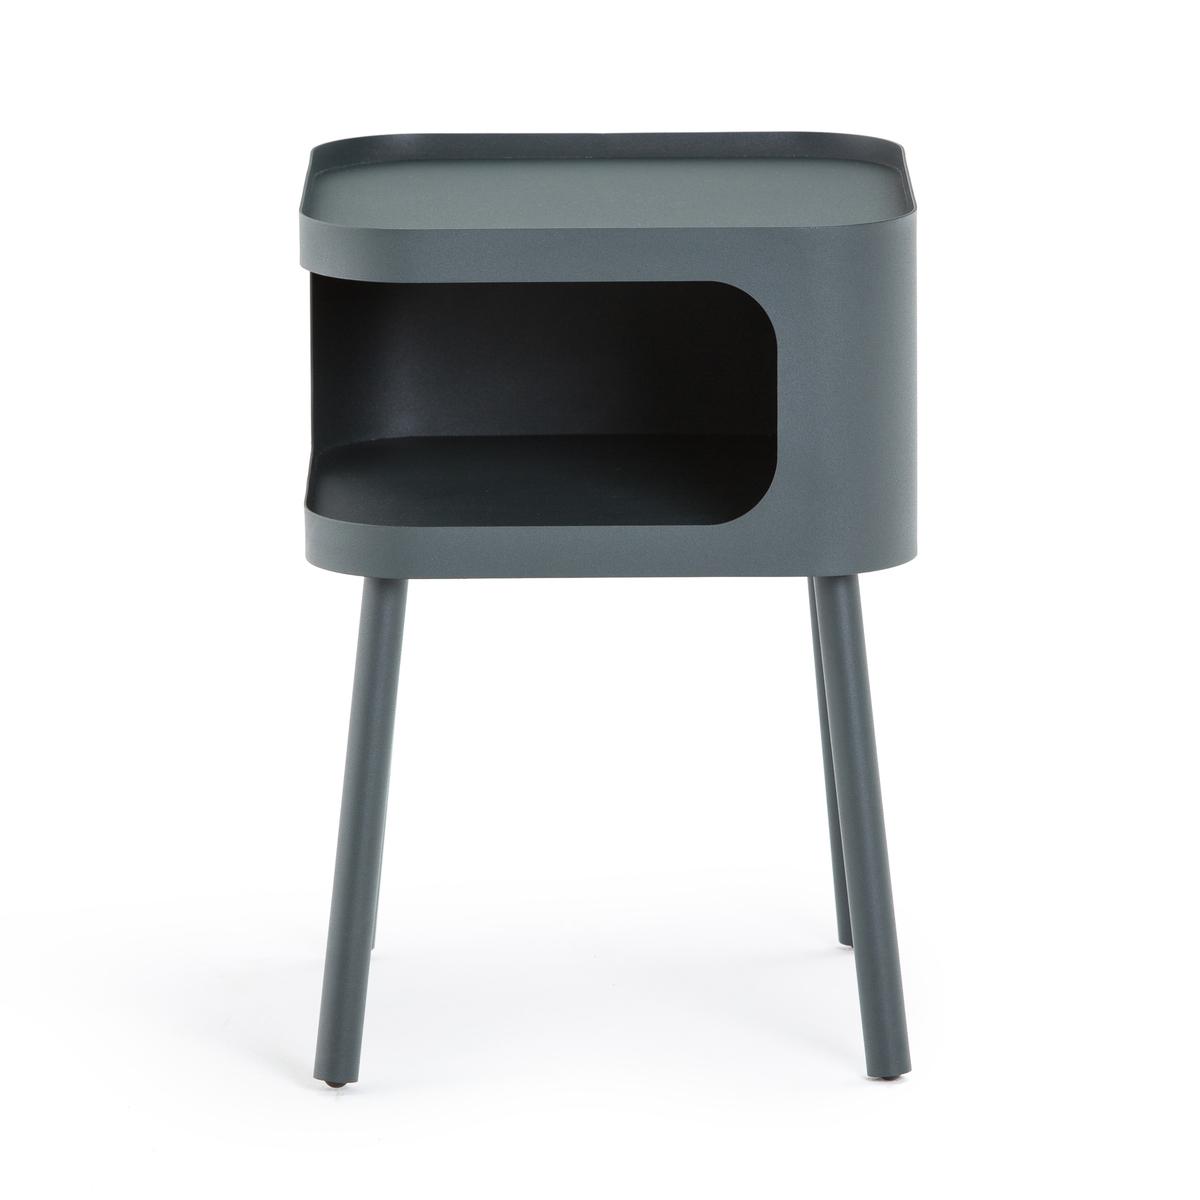 Столик La Redoute Прикроватный из металла Malakou единый размер серый